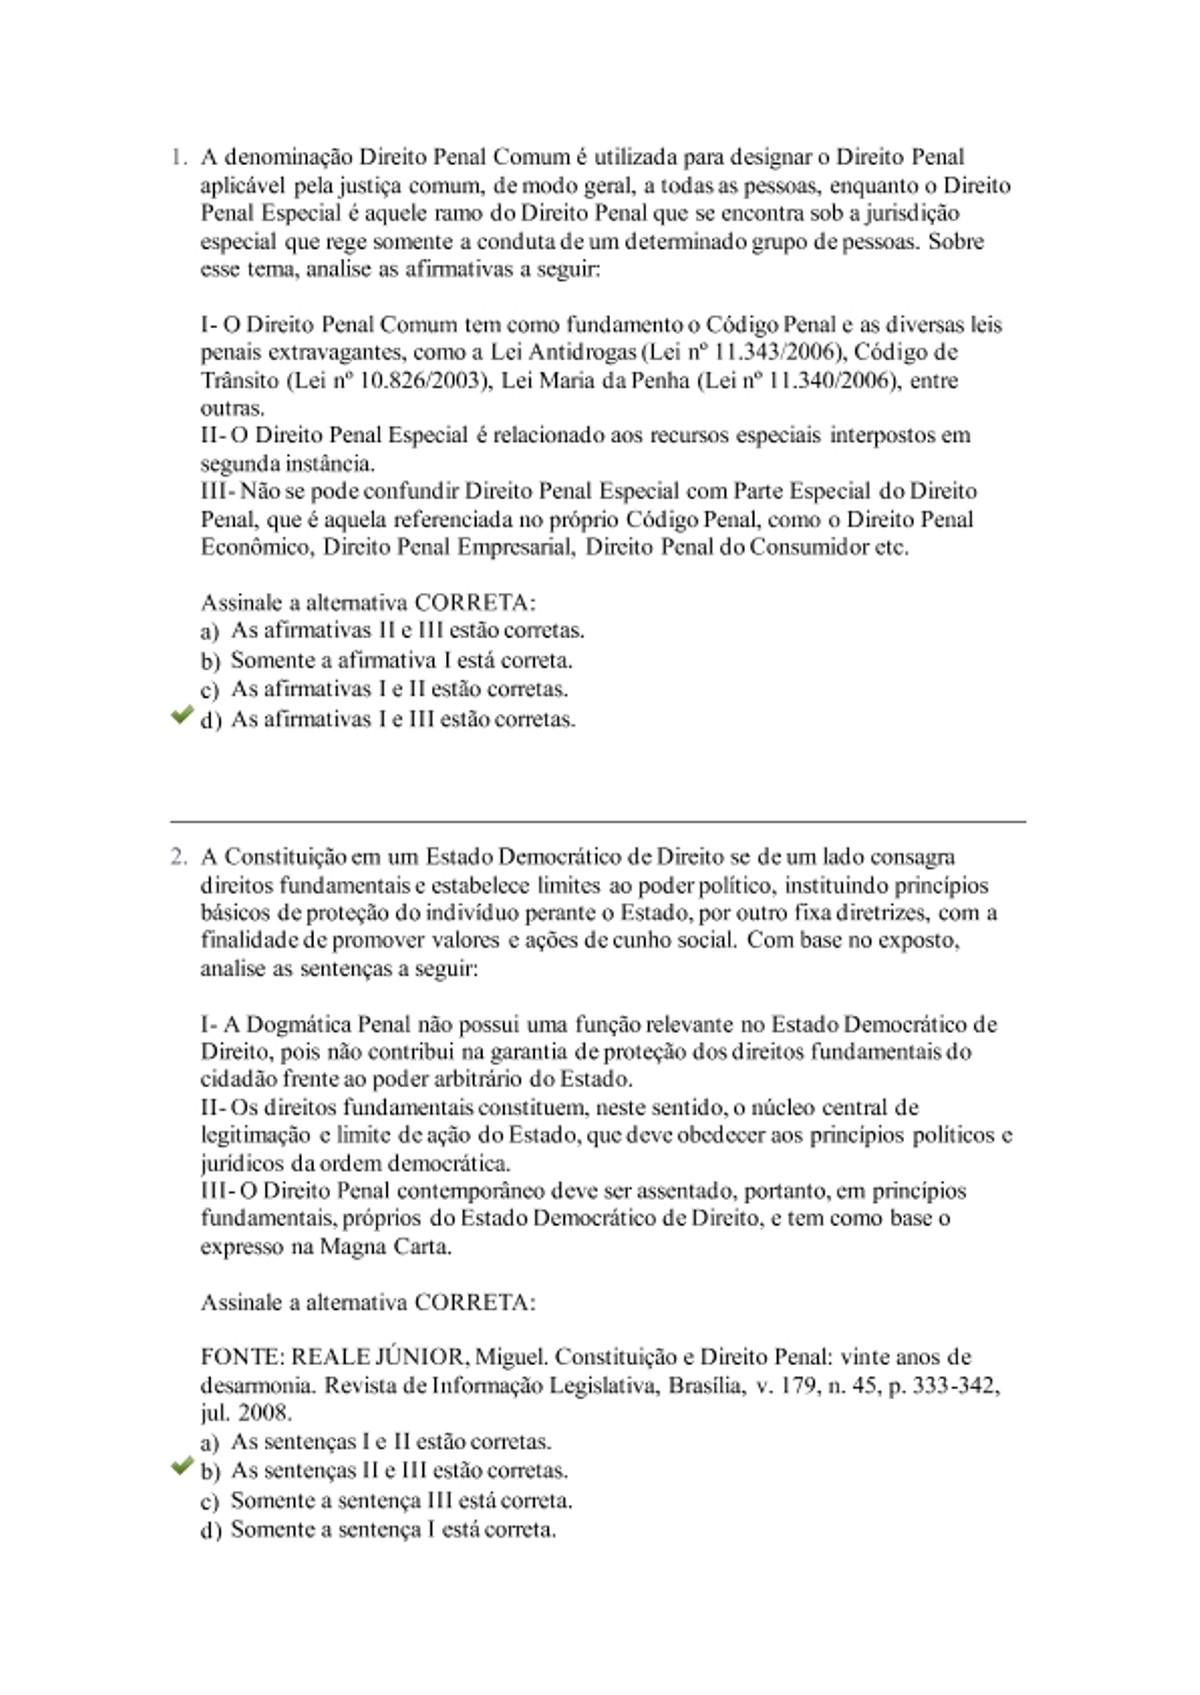 Pre-visualização do material prova direito penal Uniasselvi - página 1